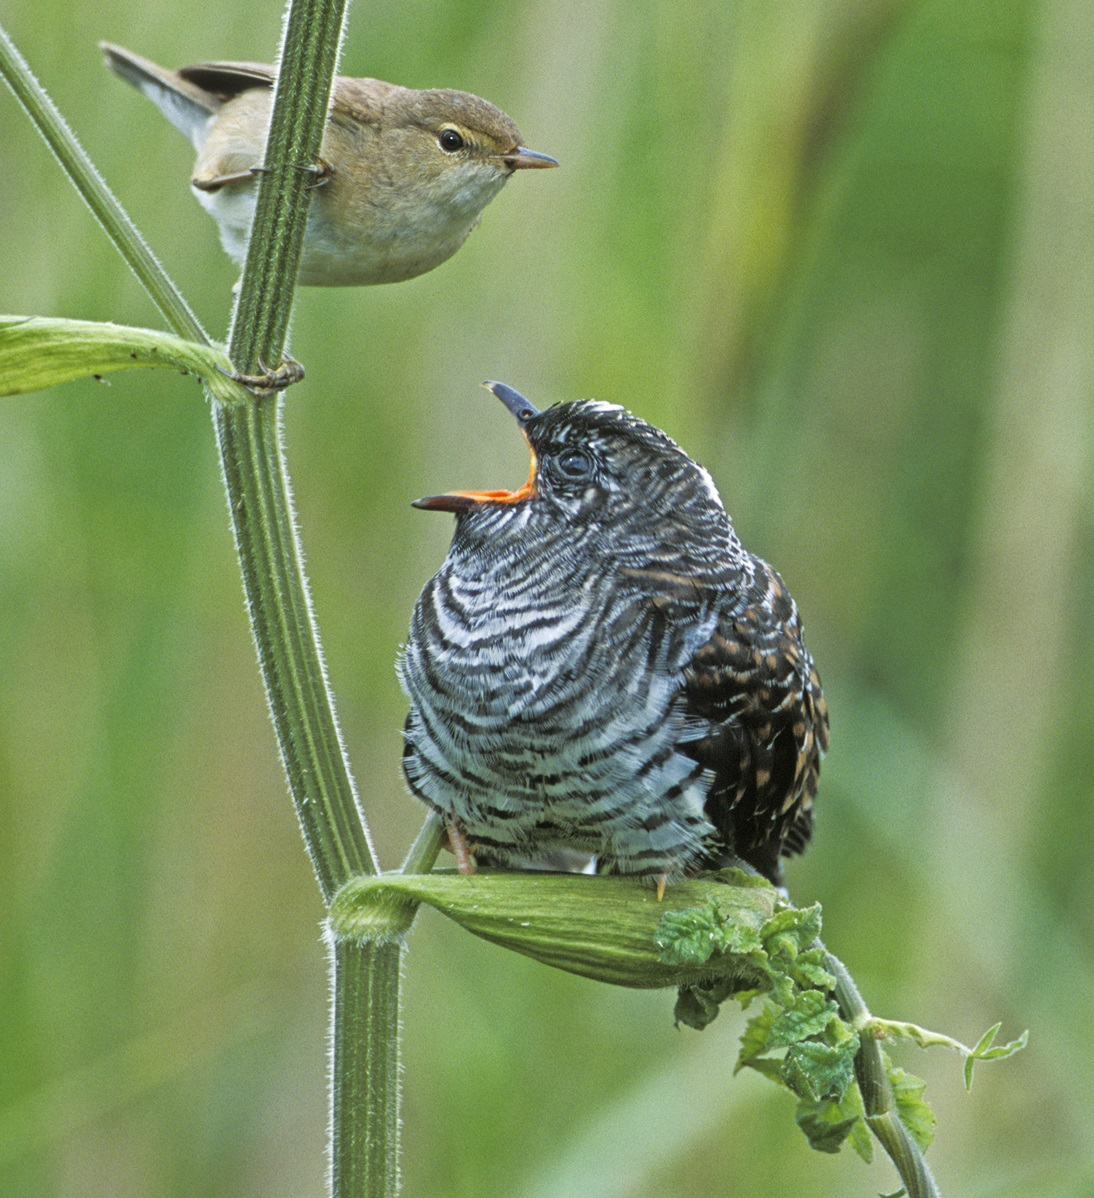 Comment Tromper Le Coucou, Cet Oiseau Squatteur De Nid avec Animaux Qui Pondent Des Oeufs